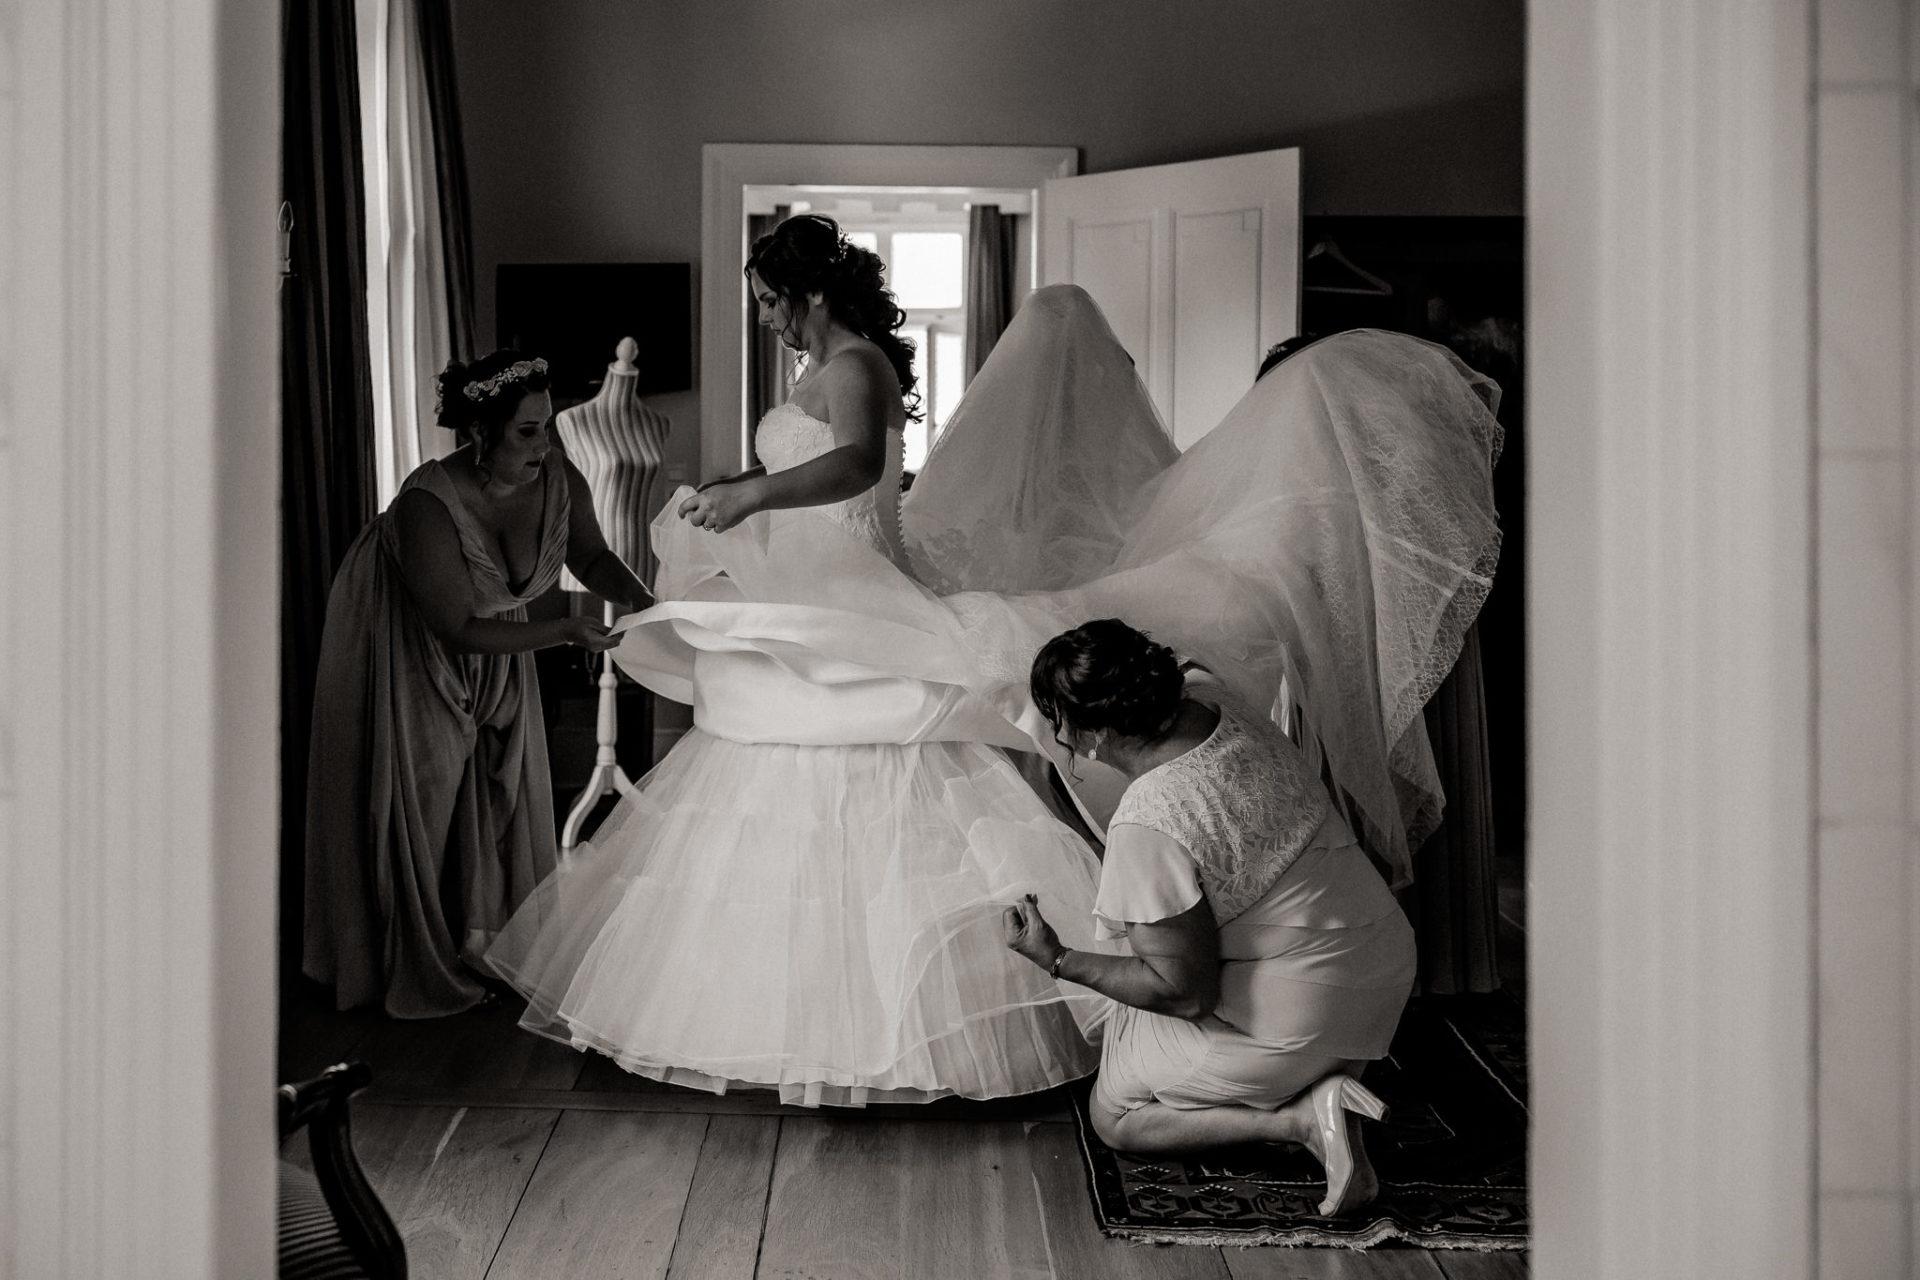 hochzeitsfotograf schloss heinsheim-elegant heiraten-Schafstall Heinsheim-Natürliche Portraits-Umgestellte Hochzeitsbilder-braut getting ready-reifrock anziehen-brautjungfern